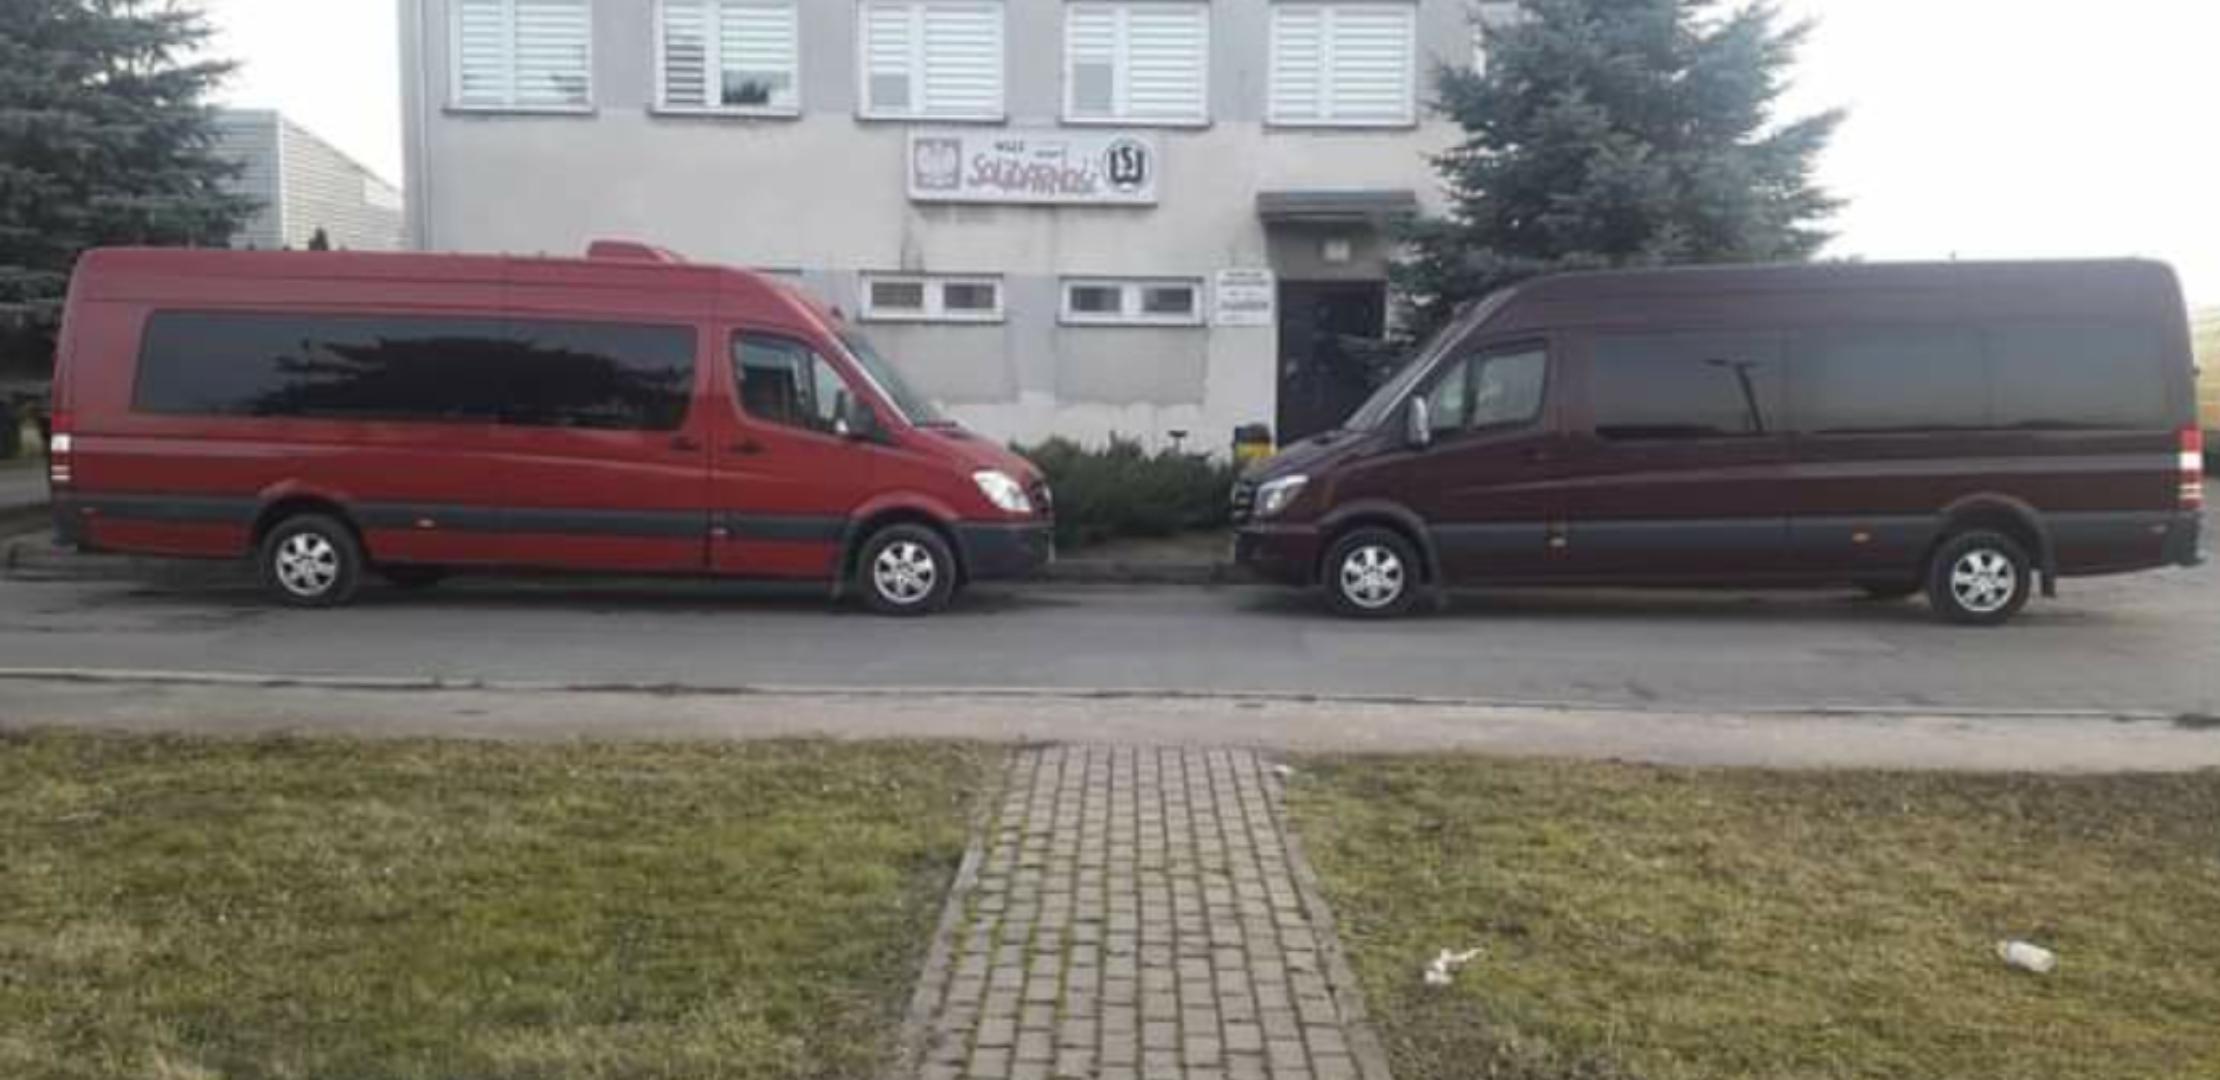 https://krajowytransport.pl/images/zdjd/psz1.jpg